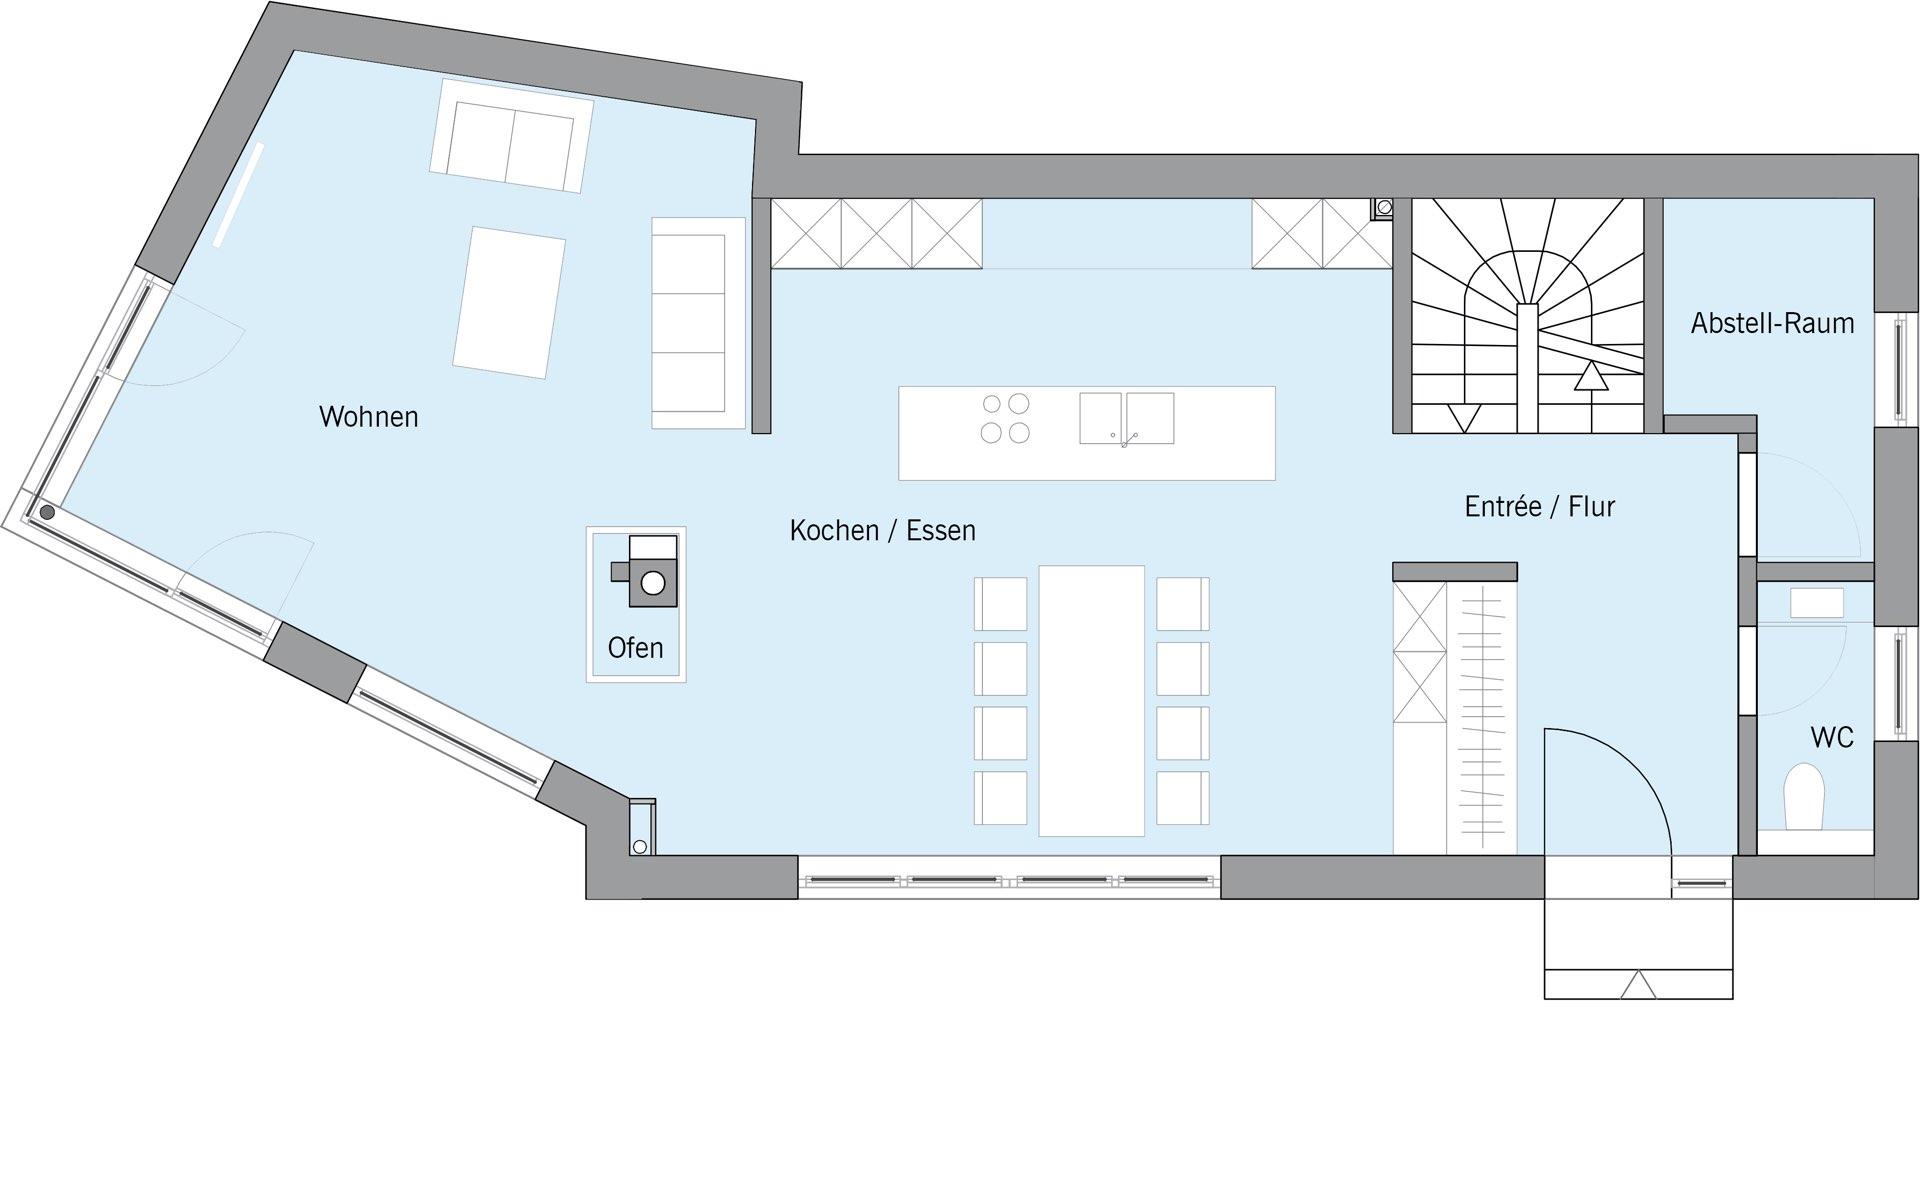 Erdgeschoss Ehrmann von Bau-Fritz GmbH & Co. KG, seit 1896